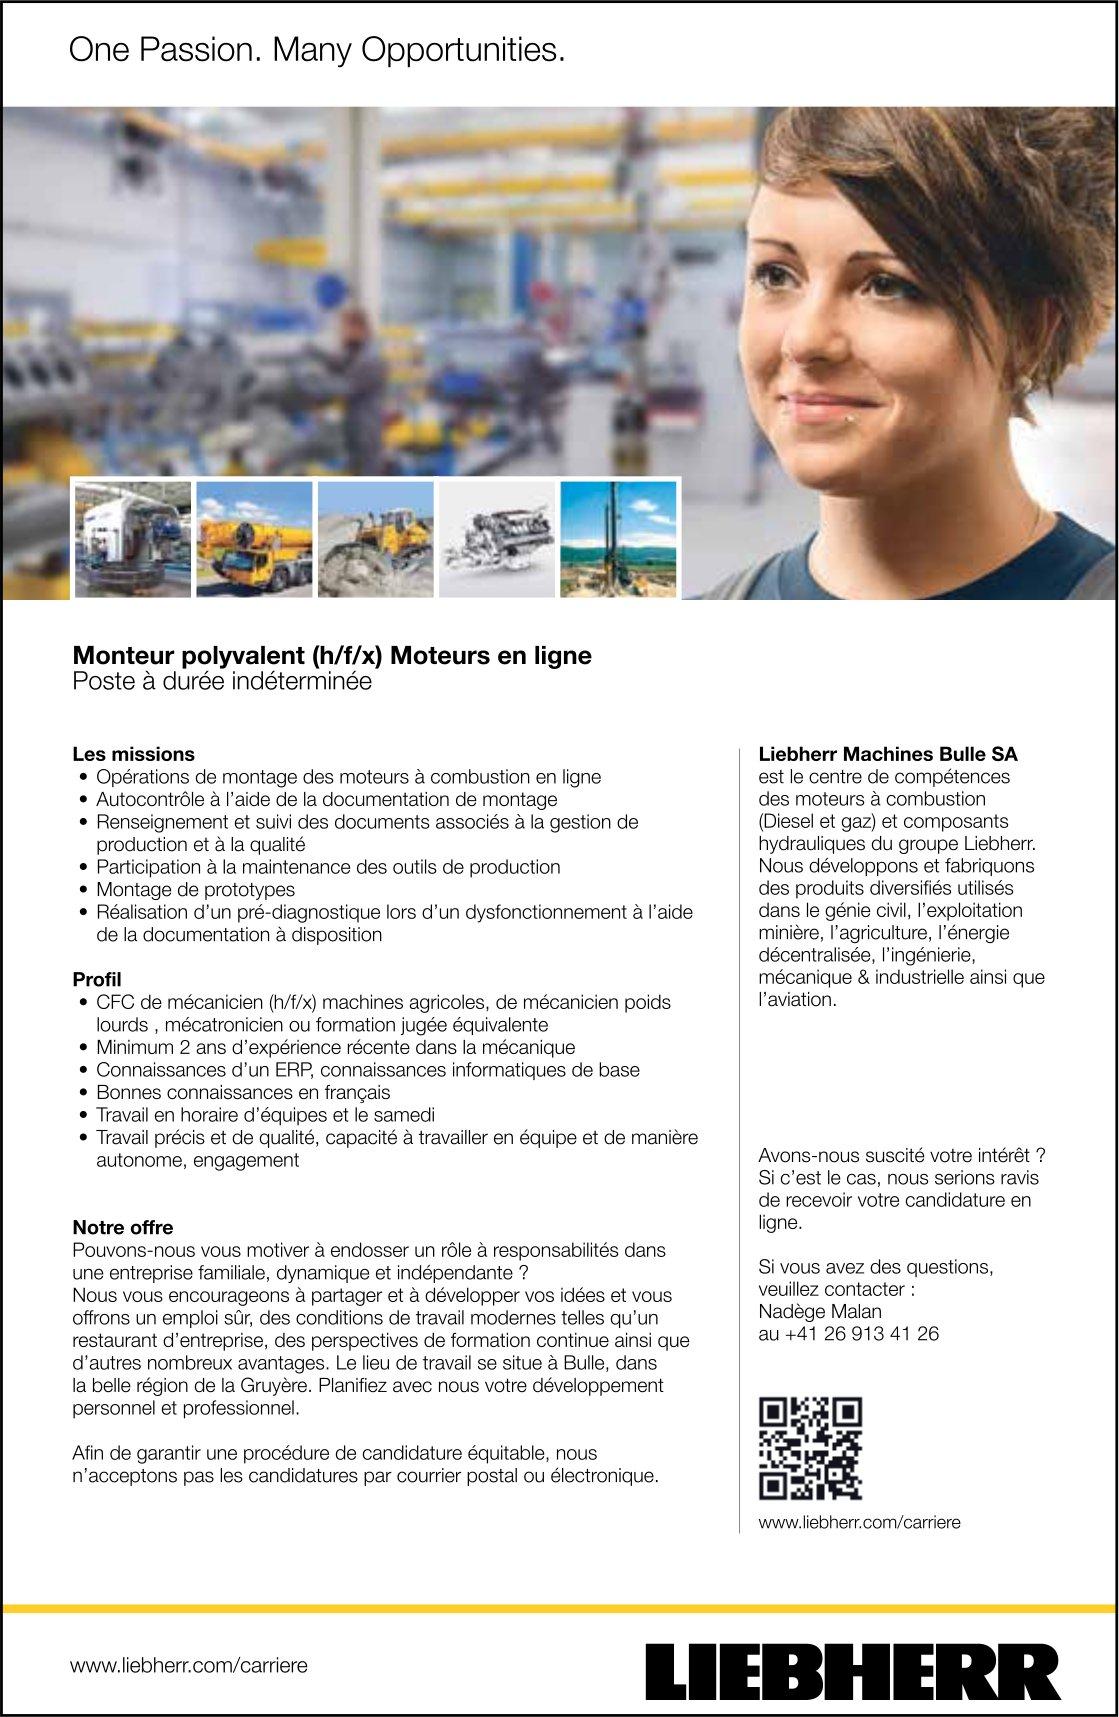 Monteur polyvalent (h/f/x) Moteurs en ligne, Liebherr Machines Bulle SA, recherché